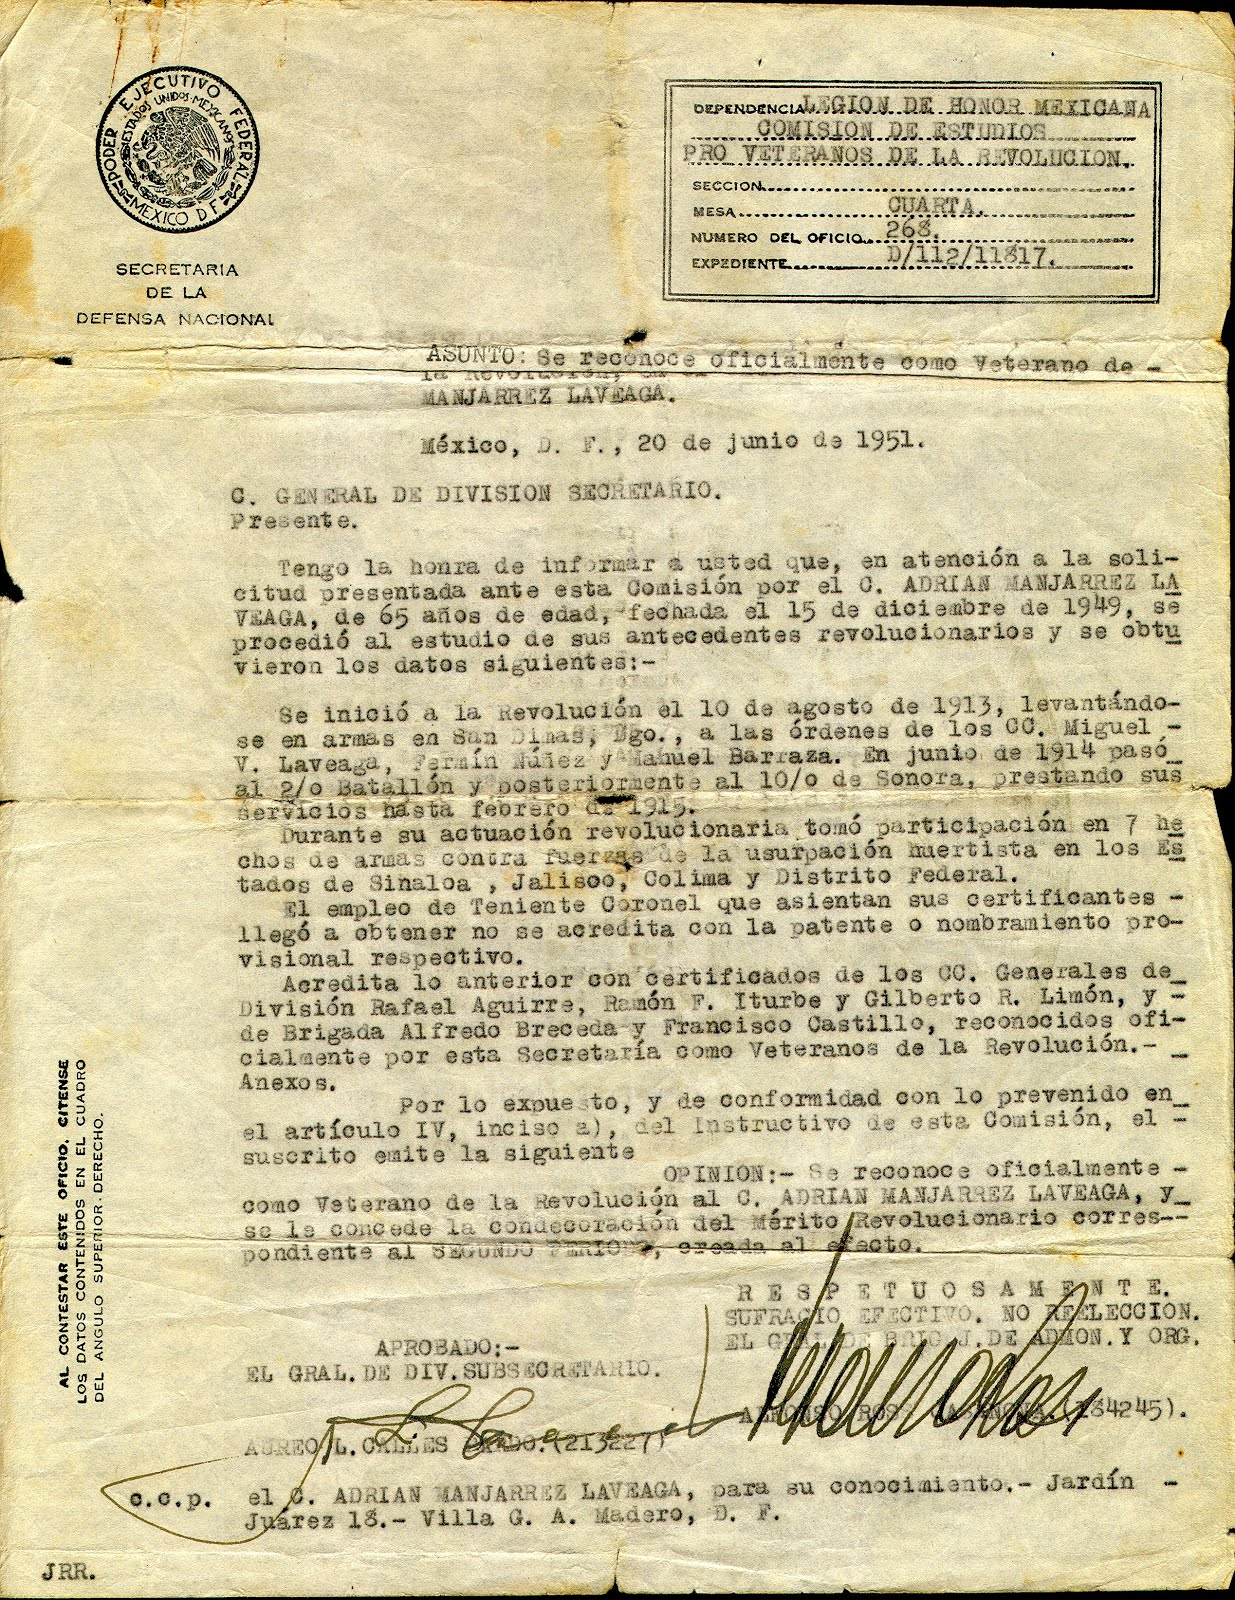 Reconocimiento como veterano de la Revolución Mexicana